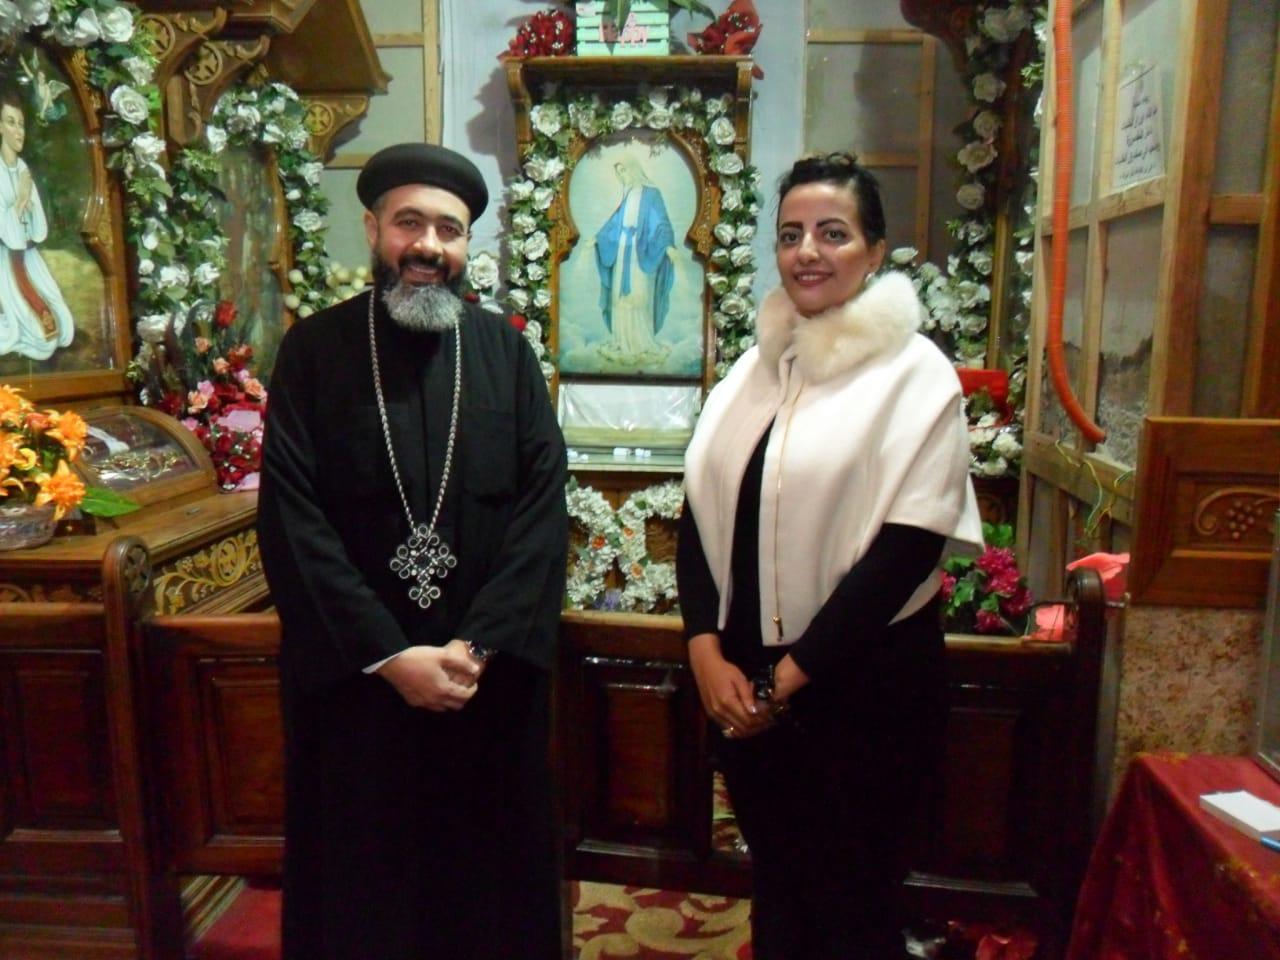 صور | المتحدث بأسم مطرانية الأقباط الأرثوذكس ببورسعيد نصلي من أجل من يسيئون إلينا